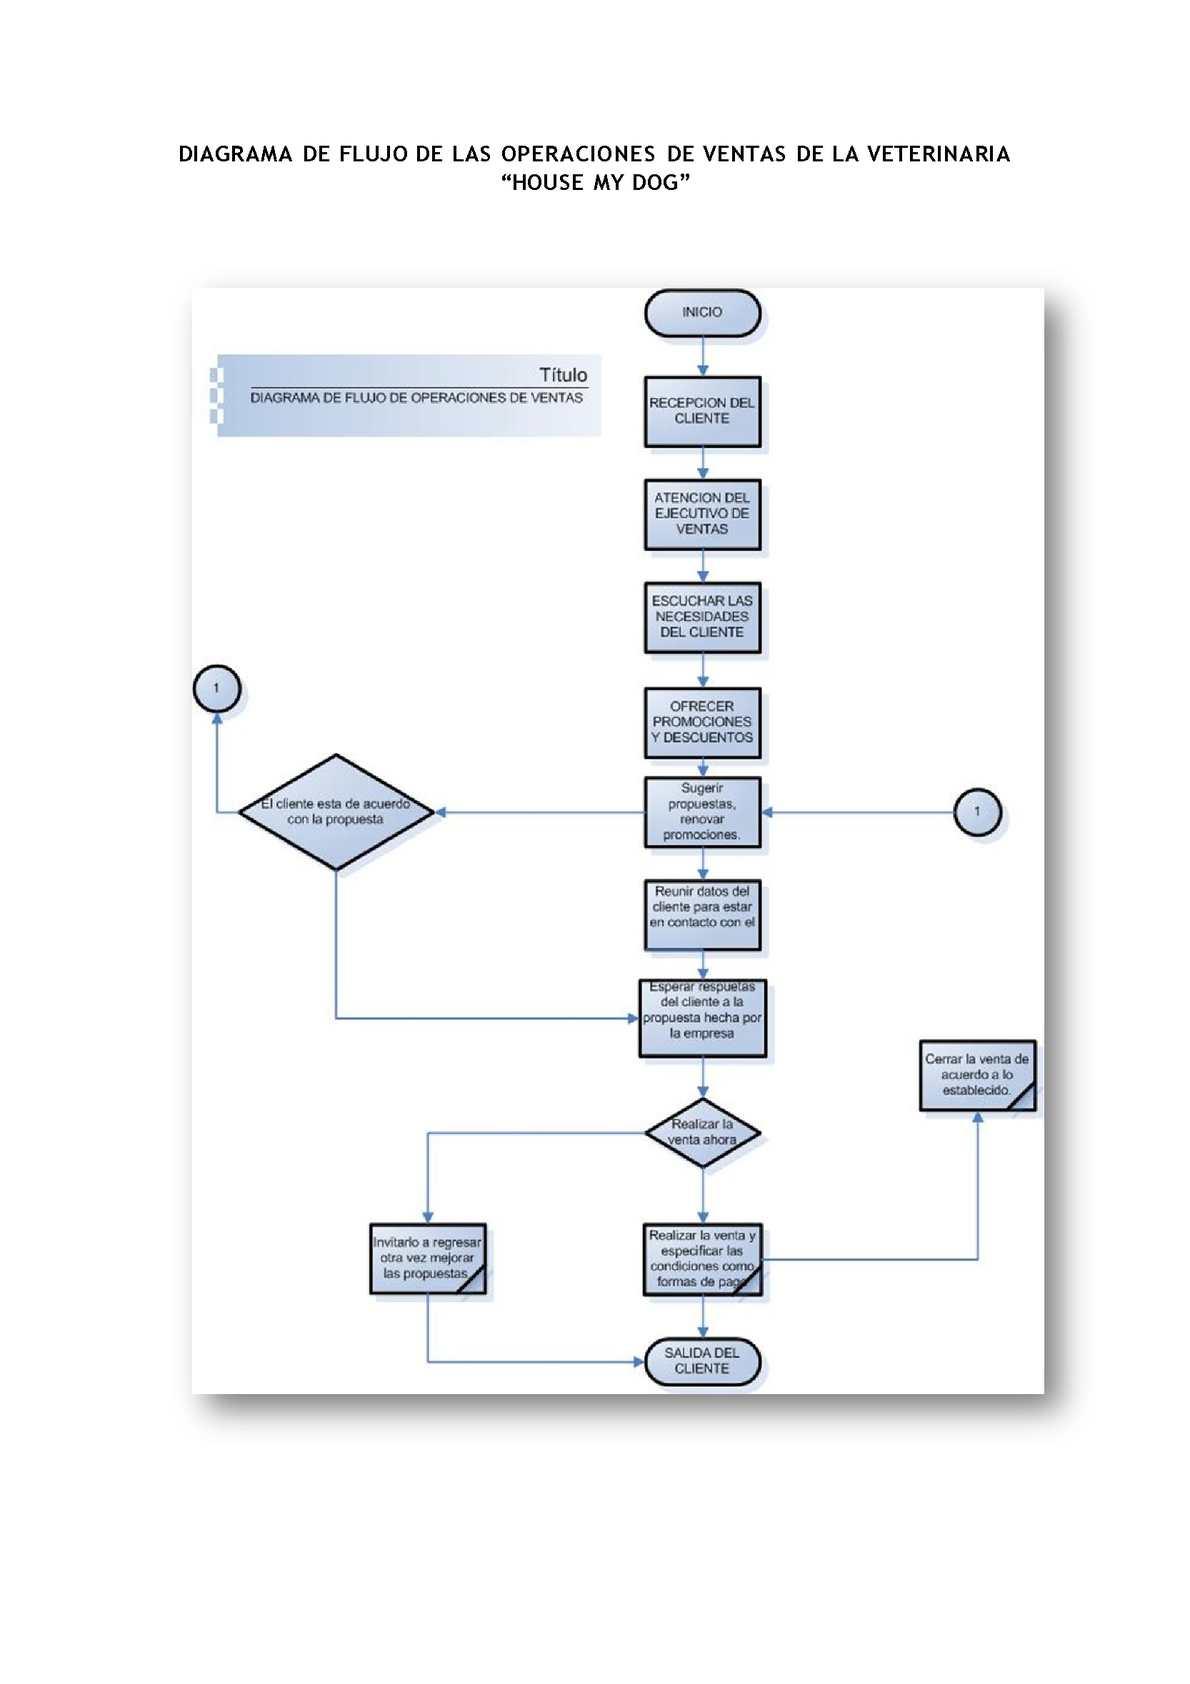 Calamo diagrama de flujo de operaciones de ventas house my dog ccuart Image collections